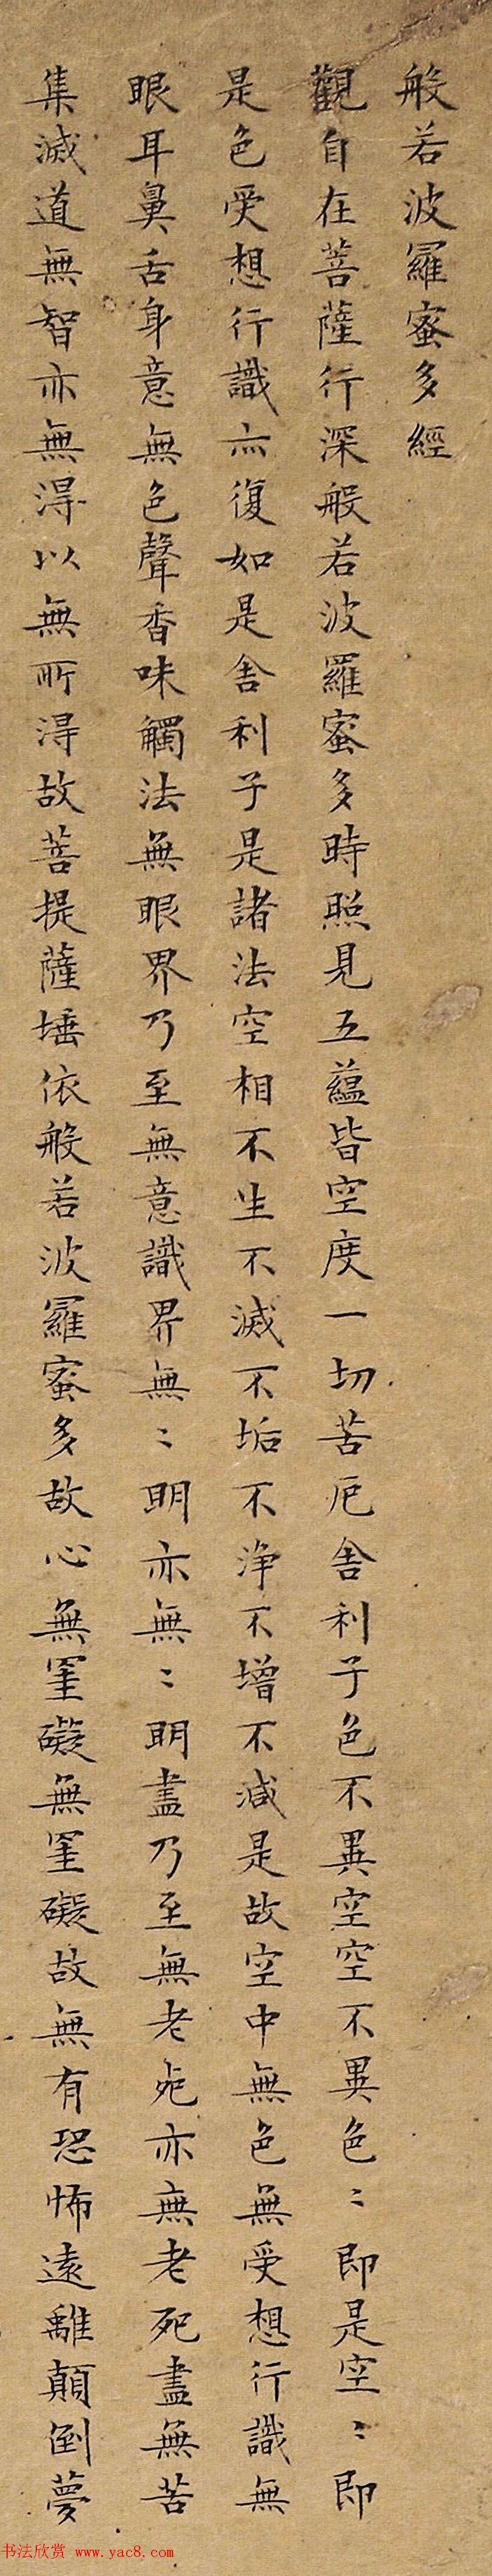 文徵明83岁小楷心经(美国藏)